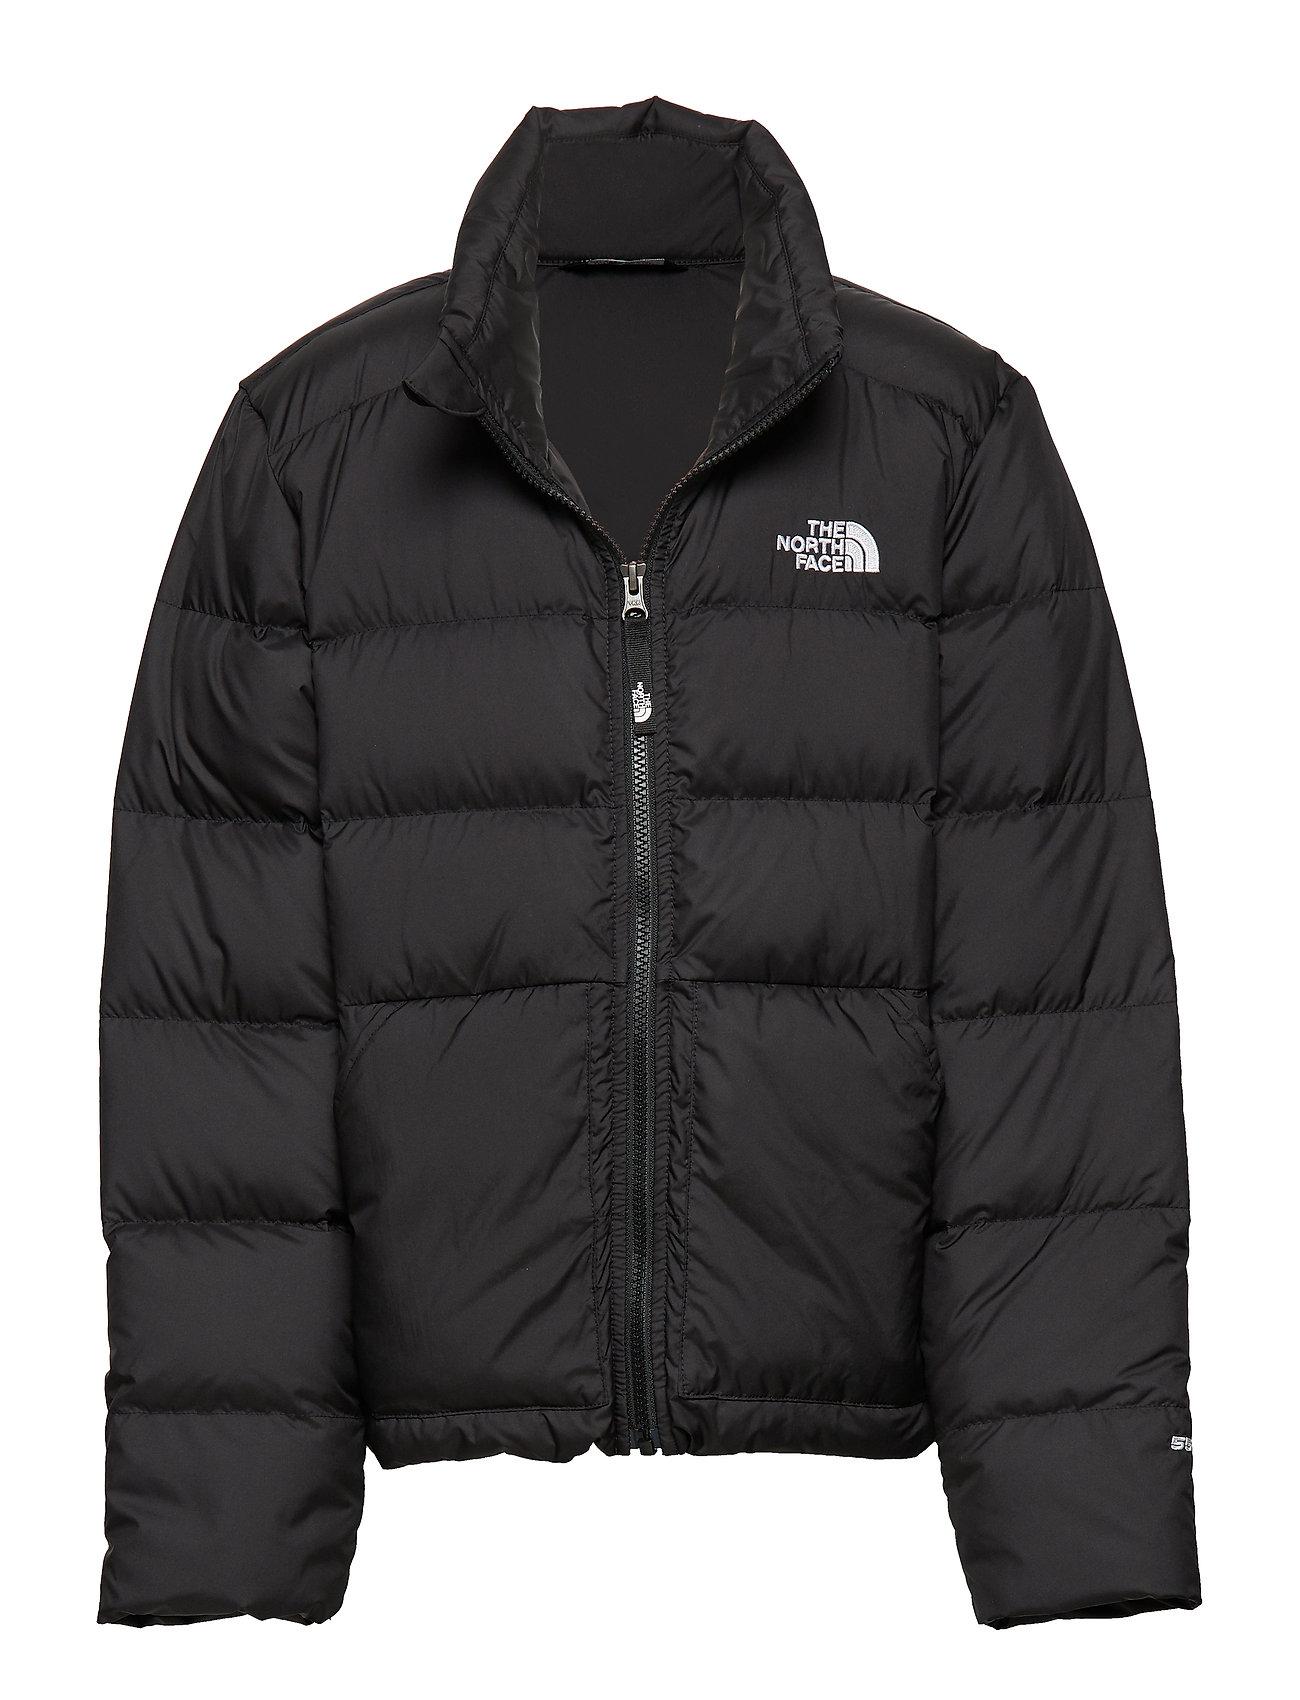 G Andes Down Jacket Foret Jakke Sort The North Face